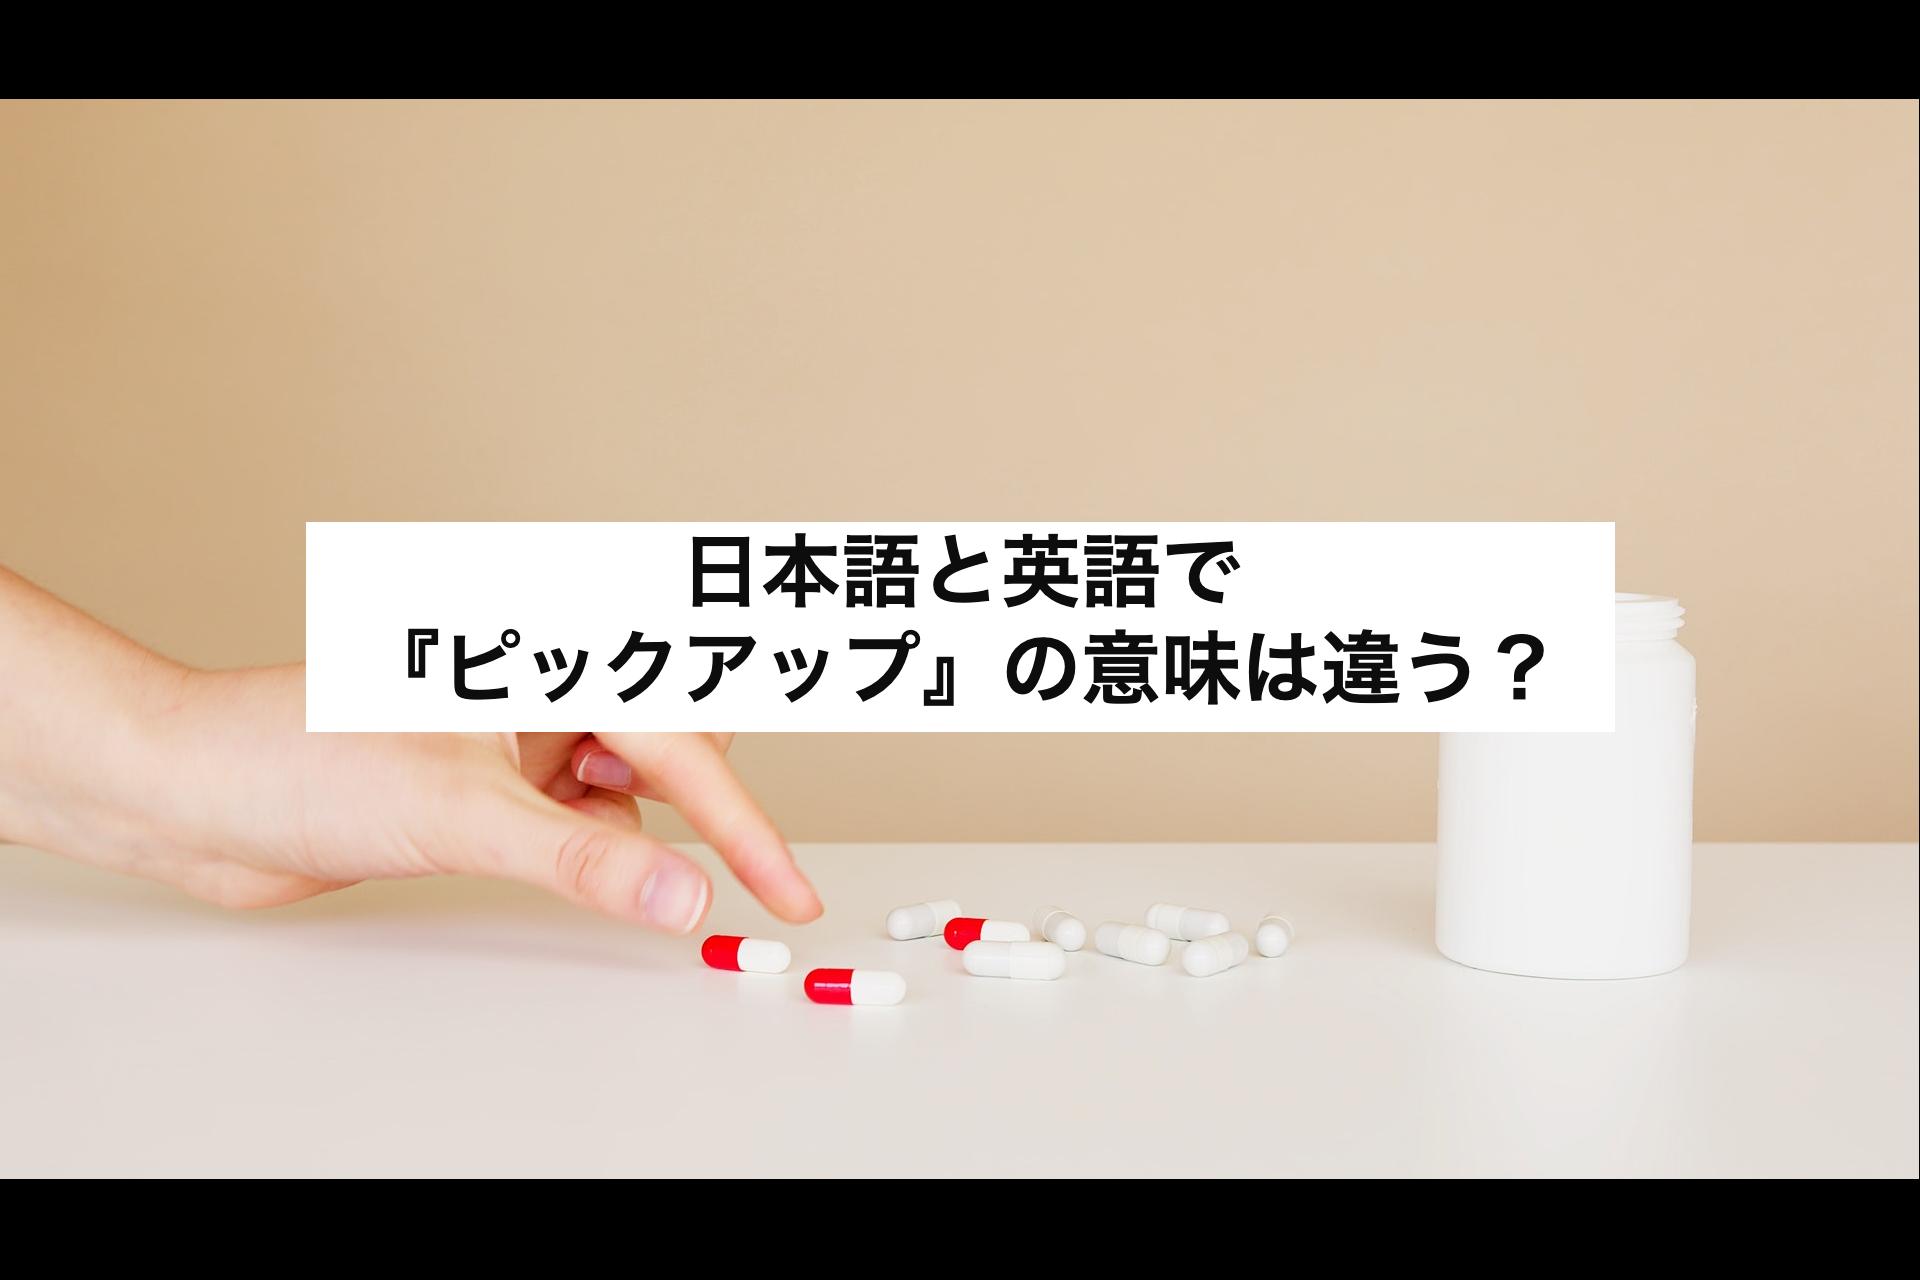 『ピックアップ』の意味は日本語と英語で違う?それぞれの使い方とは?